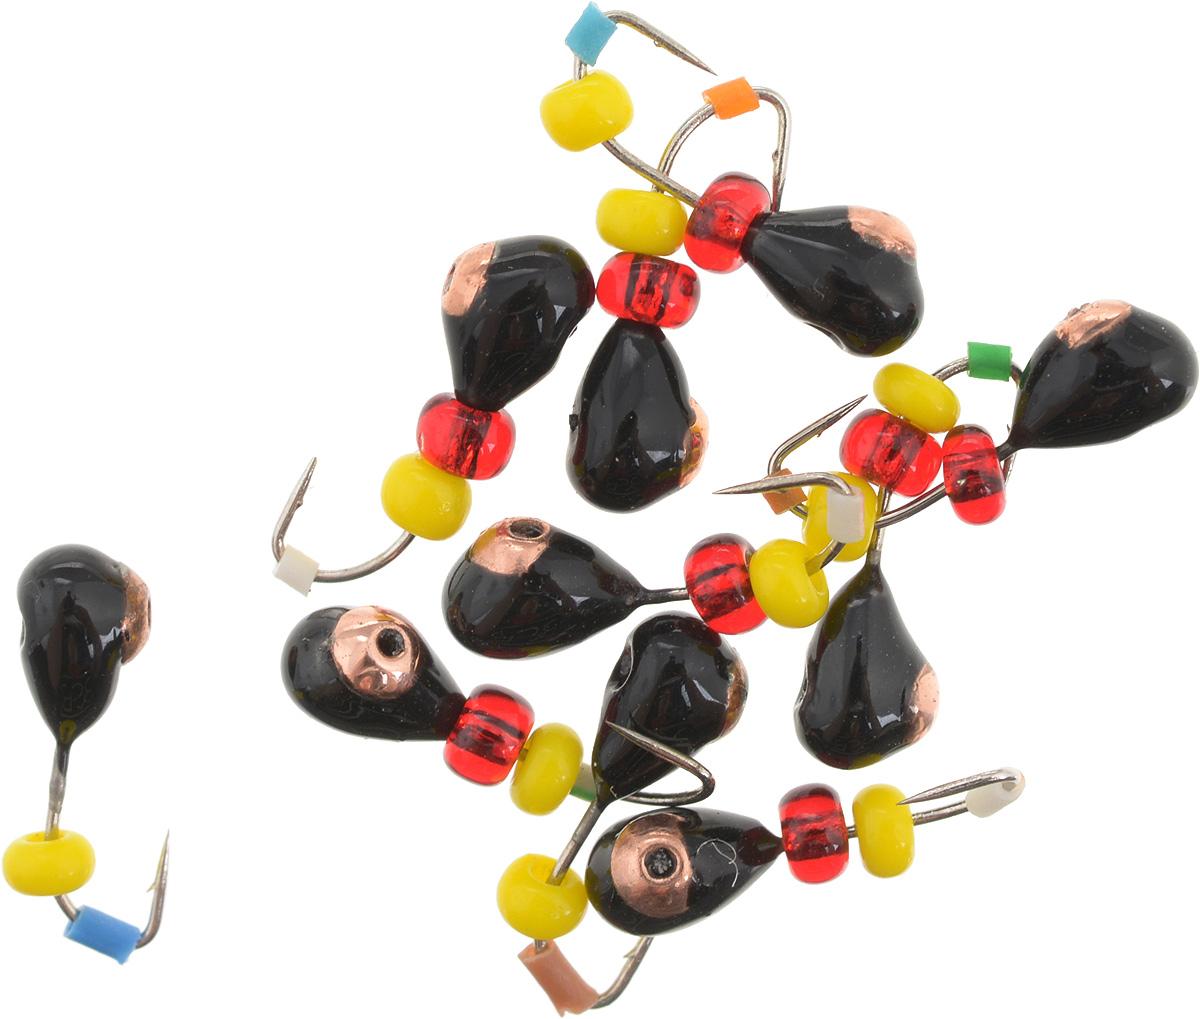 Мормышка вольфрамовая Dixxon Капля, с отверстием, с бисером, диаметр 3 мм, 0,45 г, 10 шт. 5937259372Мормышка Dixxon Капля изготовлена из вольфрама и оснащена крючком. Главное достоинство вольфрамовой мормышки - большой вес при малом объеме. Эта особенность дает большие преимущества при ловле, так как позволяет быстро погрузить приманку на требуемую глубину и лучше чувствовать игру мормышки. Подходит для подледной ловли.